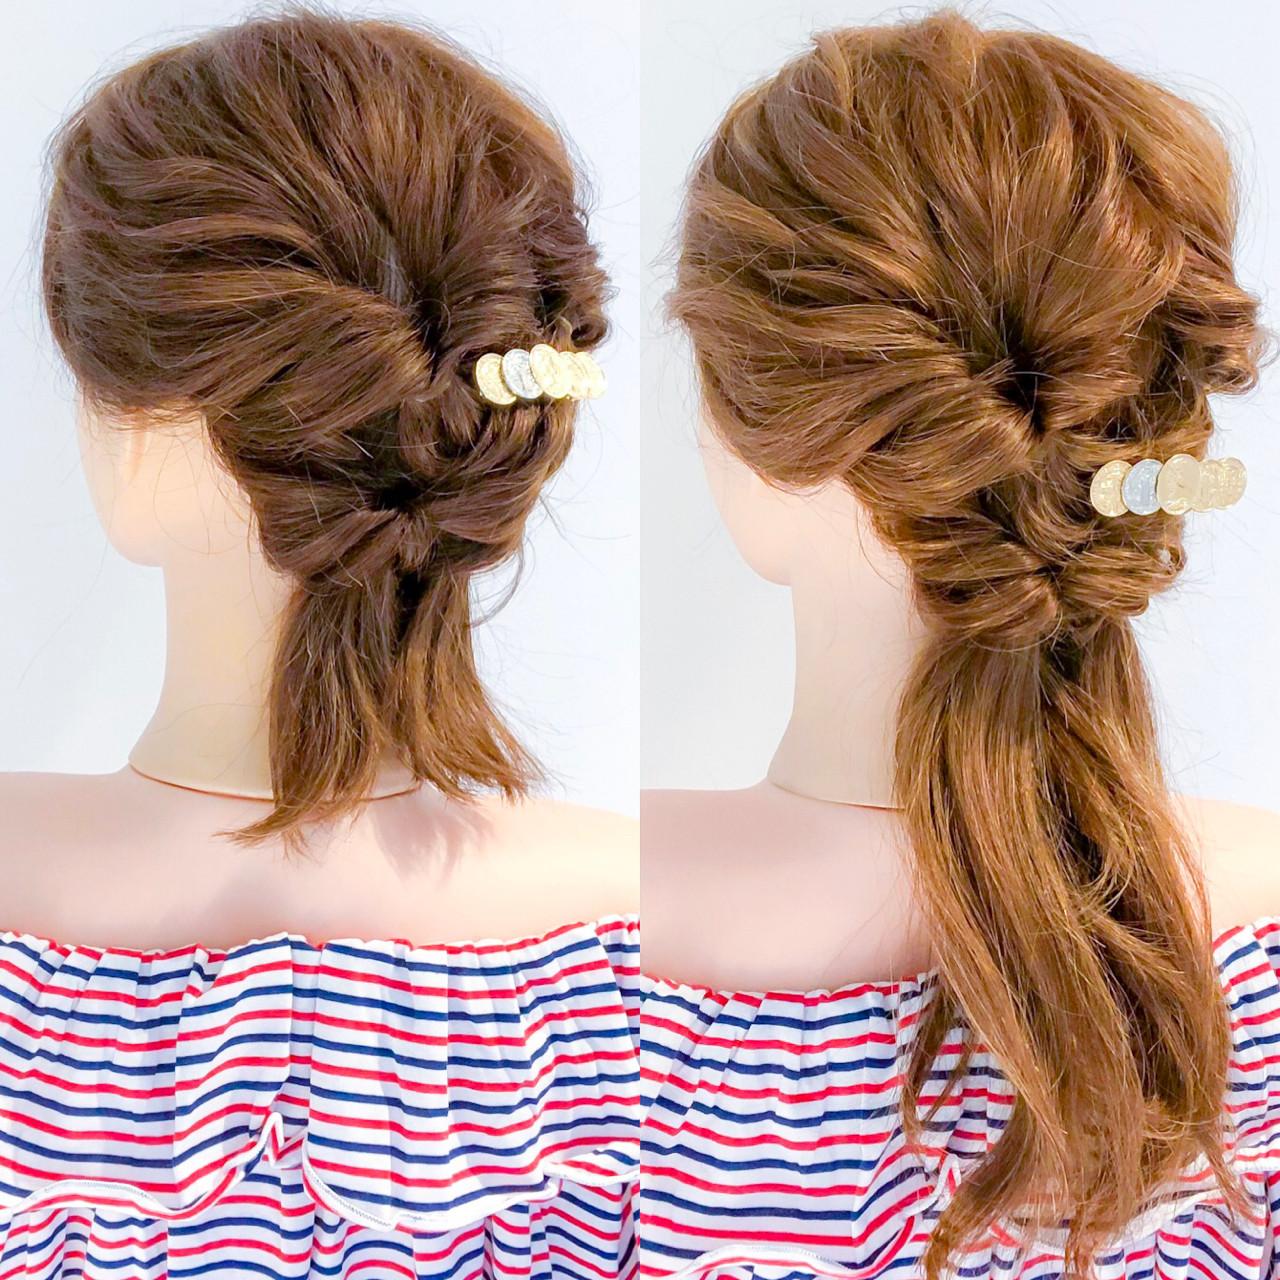 エレガント 簡単ヘアアレンジ ヘアアレンジ デート ヘアスタイルや髪型の写真・画像 | 美容師HIRO/Amoute代表 / Amoute/アムティ